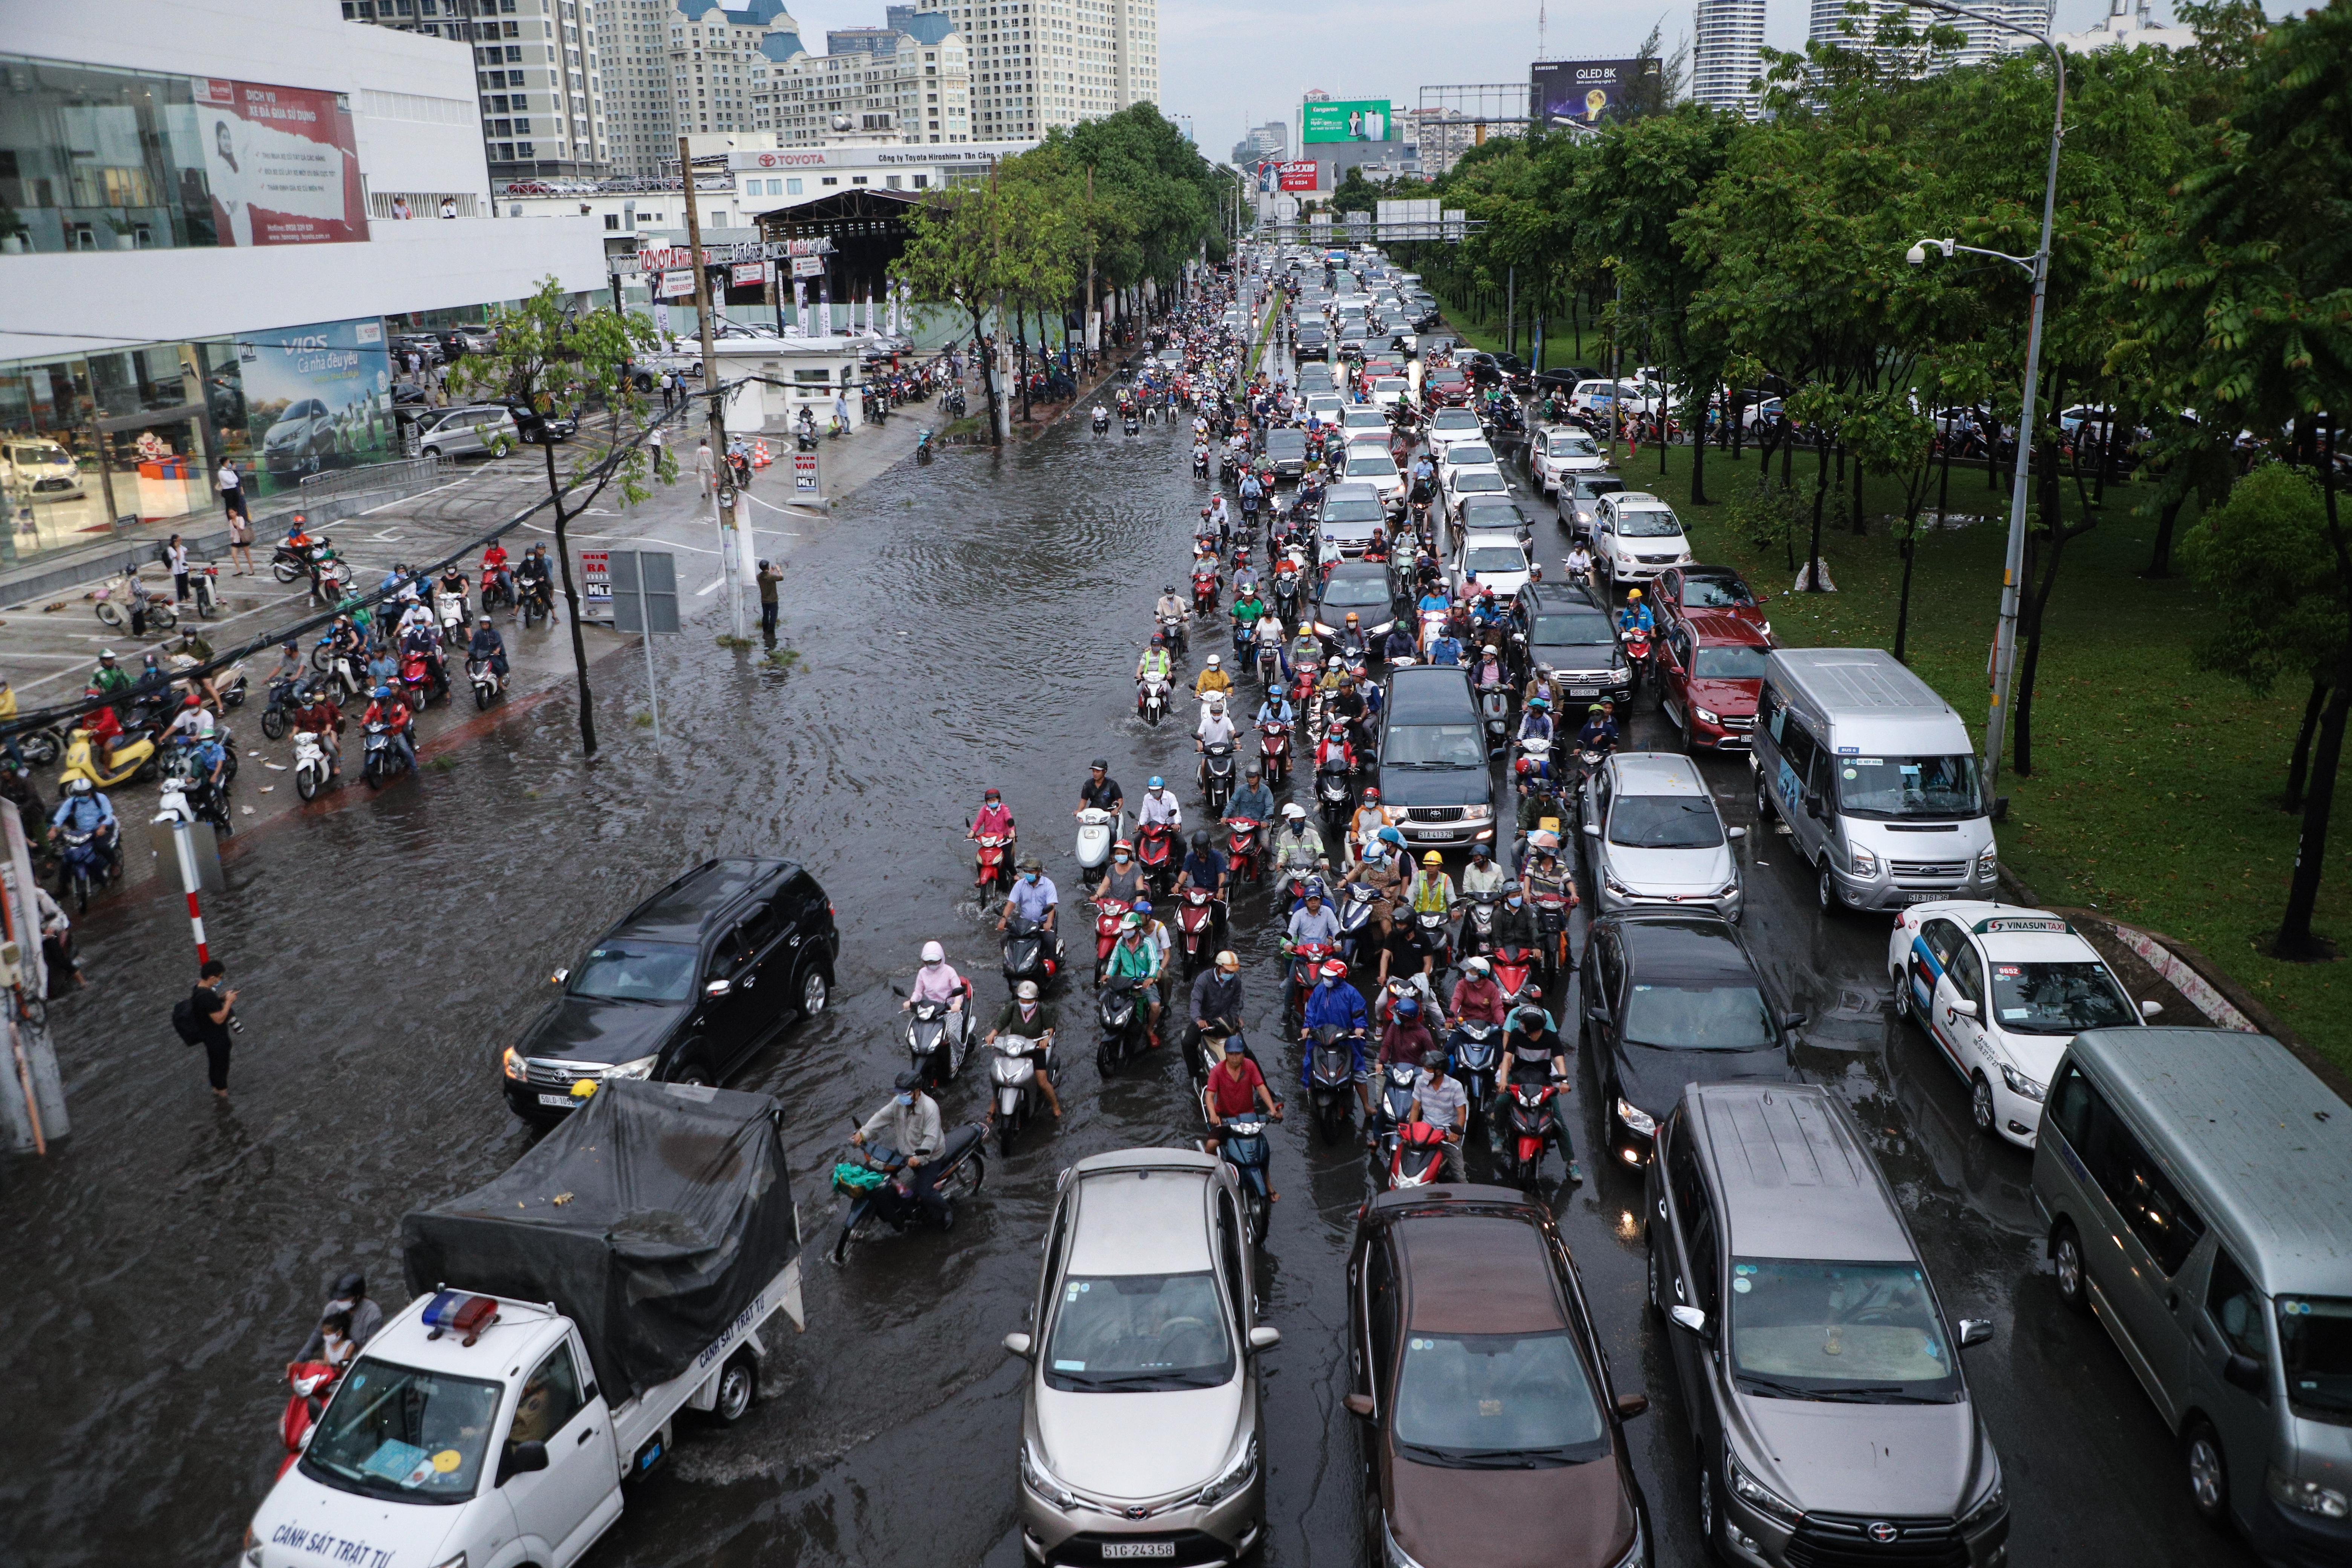 Mưa trắng trời khiến rốn ngập Sài Gòn mênh mông nước, người dân hì hục đẩy xe trên đường - Ảnh 15.